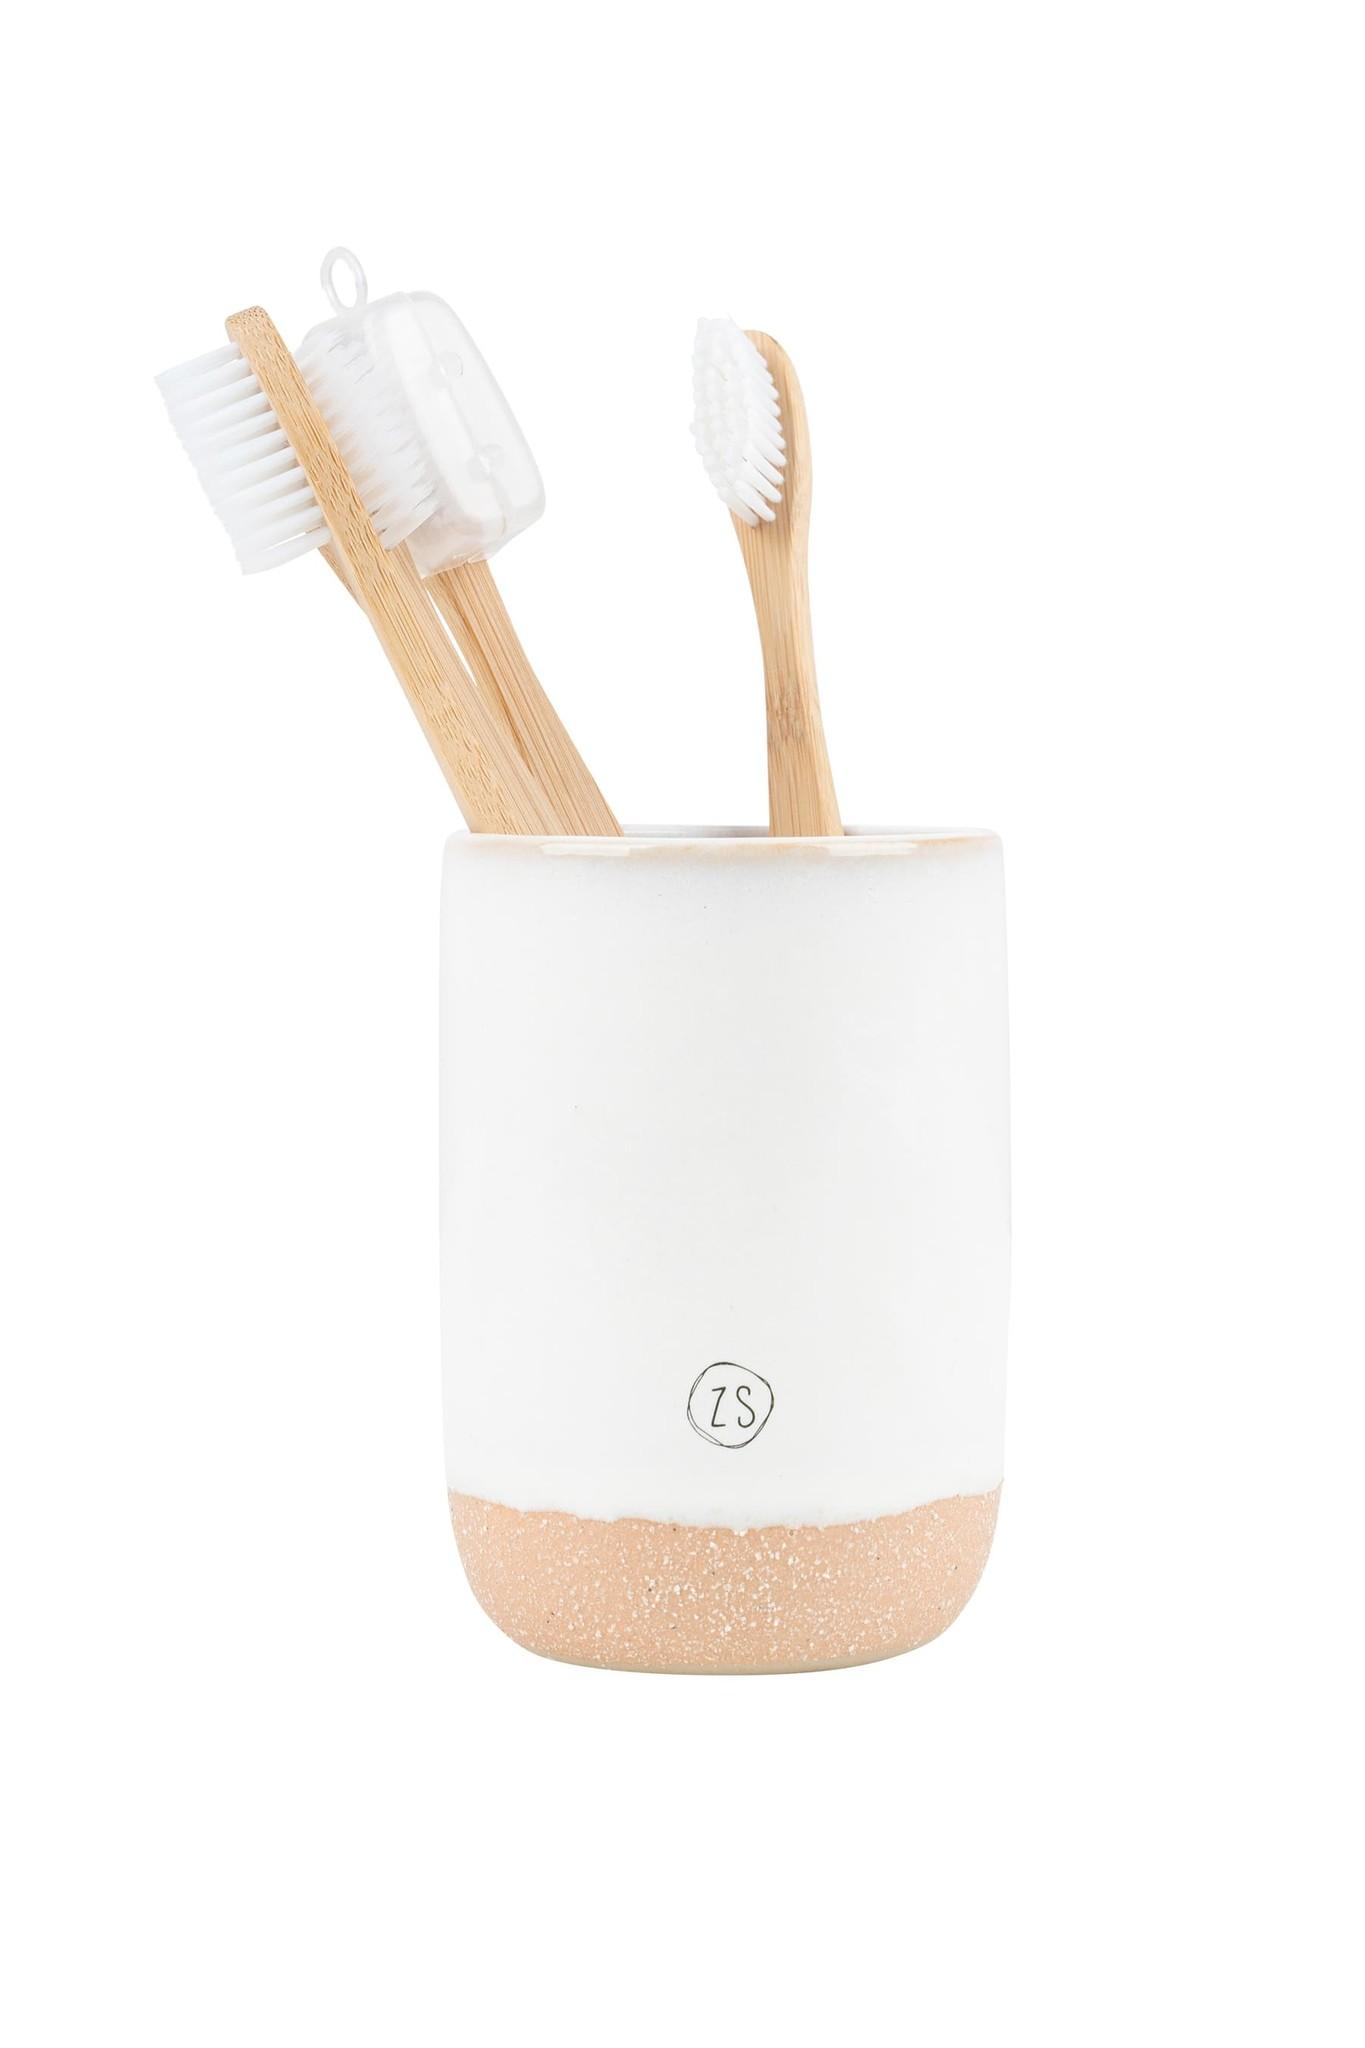 Zusss tandenborstelhouder keramiek - wit